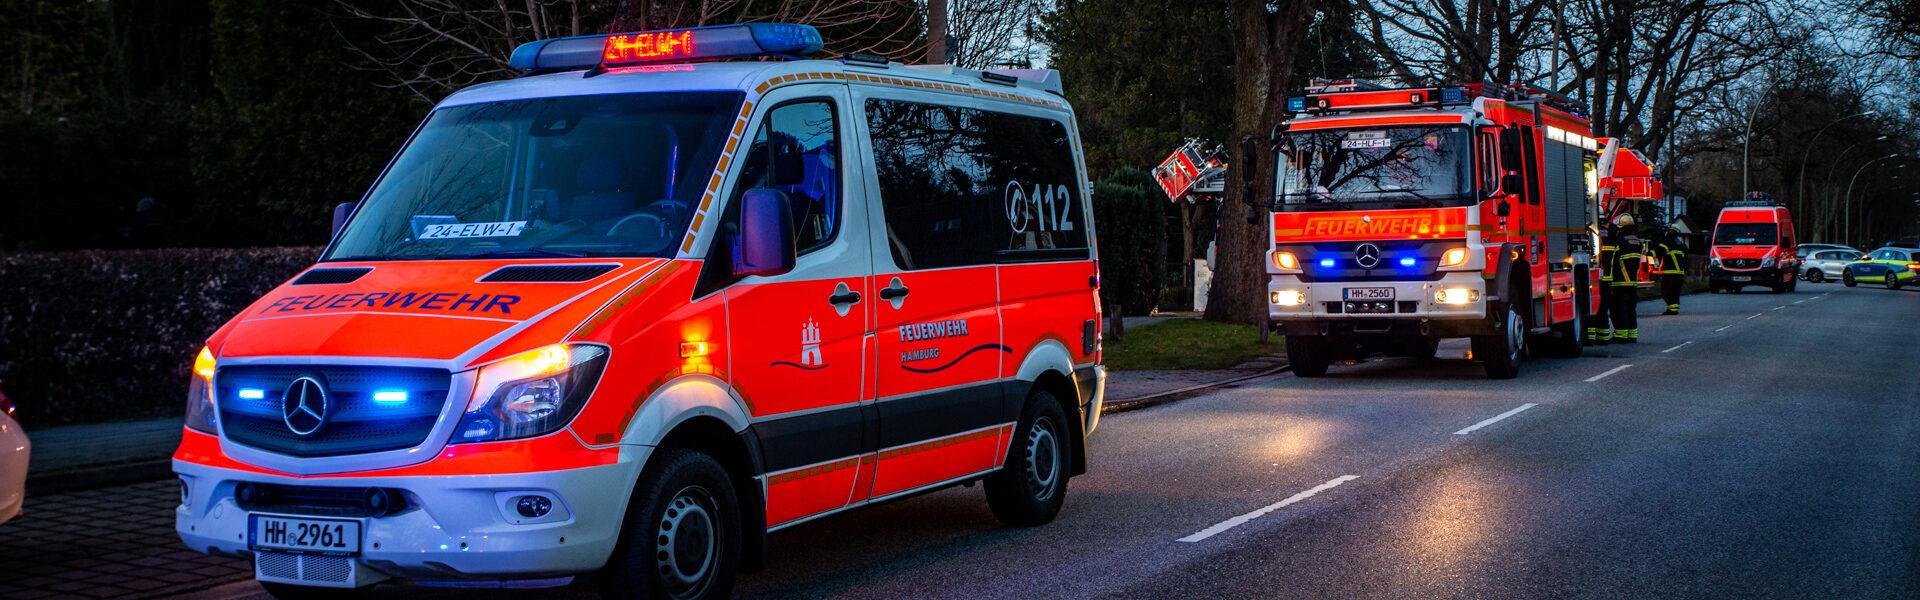 16.03.2021 – Schornsteinbrände beschäftigen die Feuerwehr Hamburg